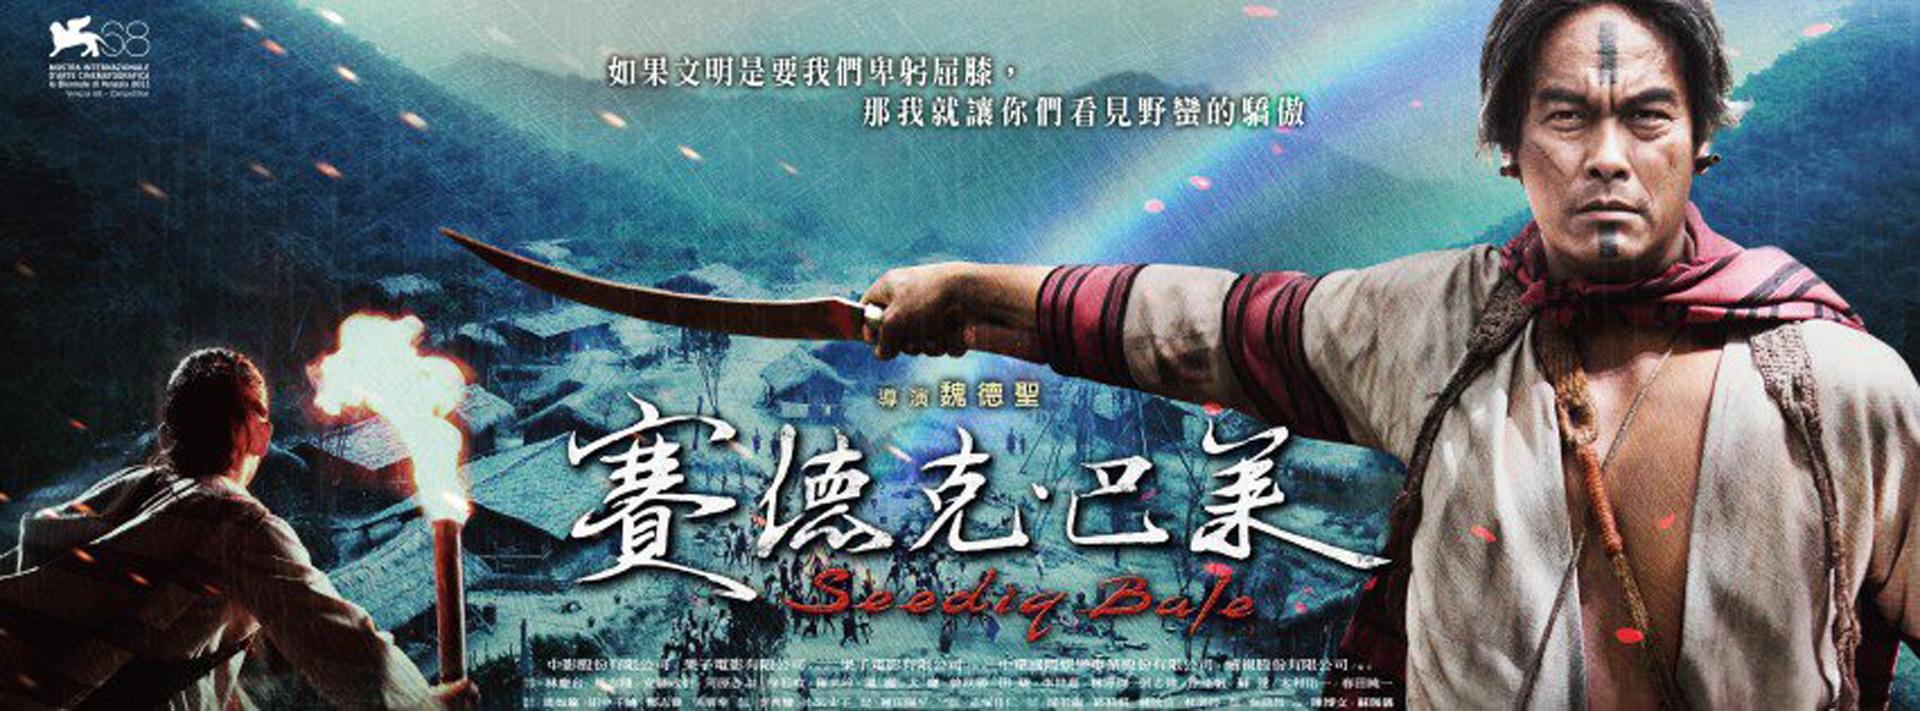 從《賽德克·巴萊》到《一八九五》,台灣史詩電影的3大賣點